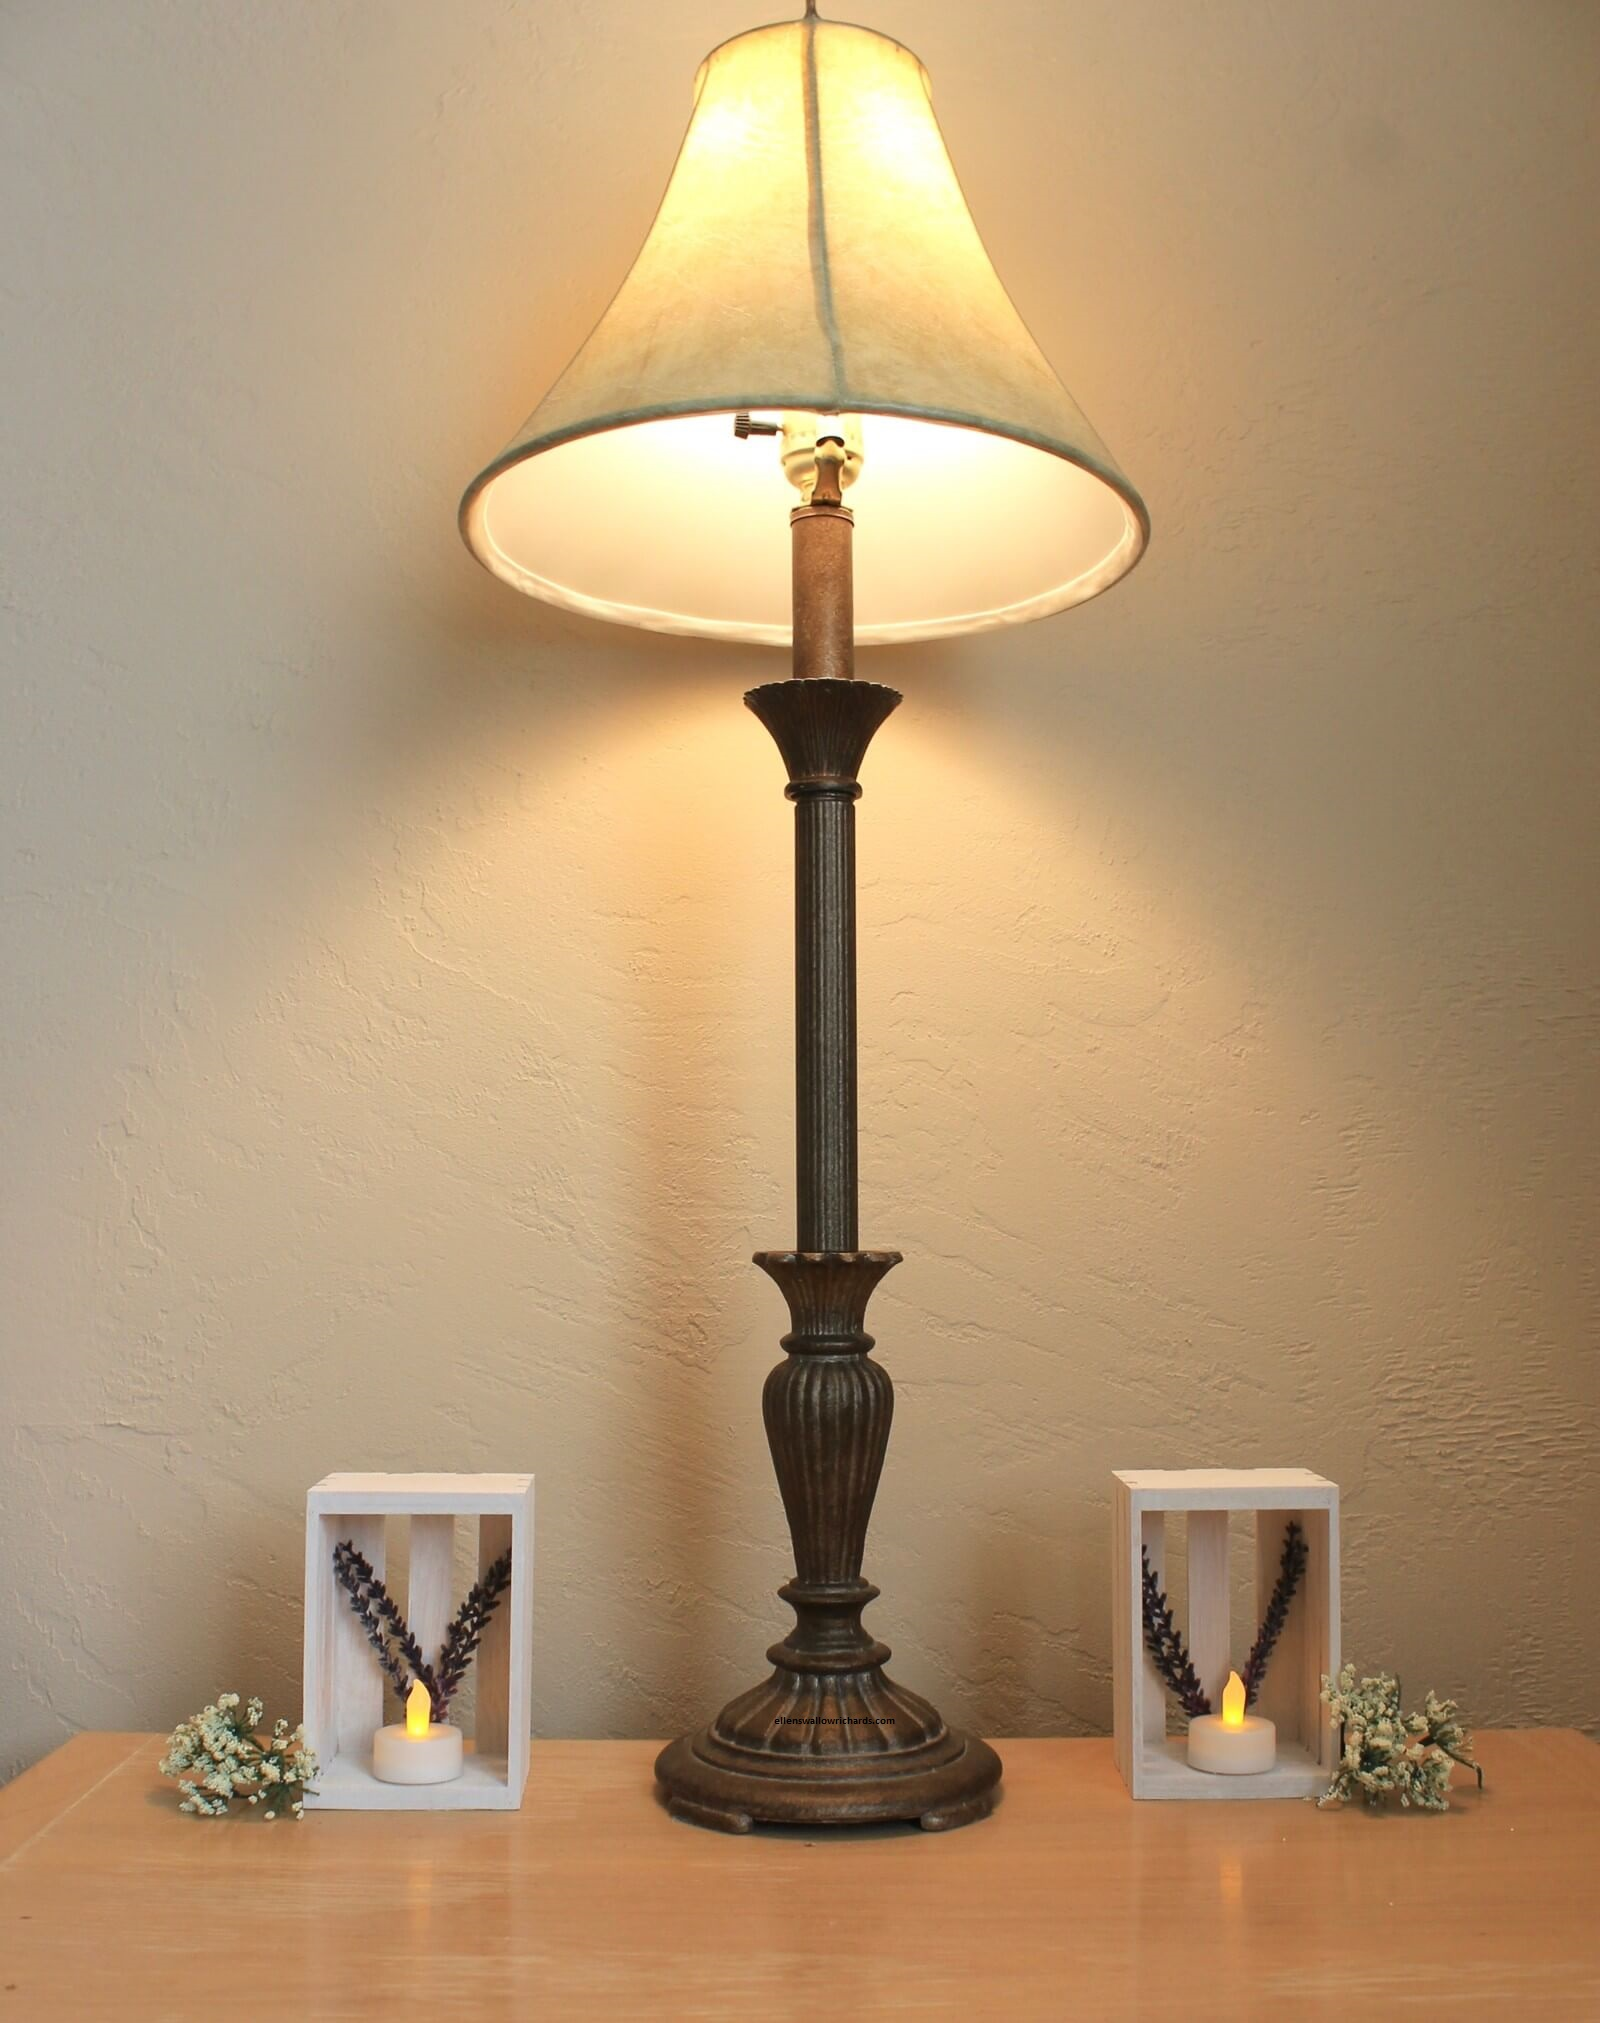 đèn trang trí đơn giản